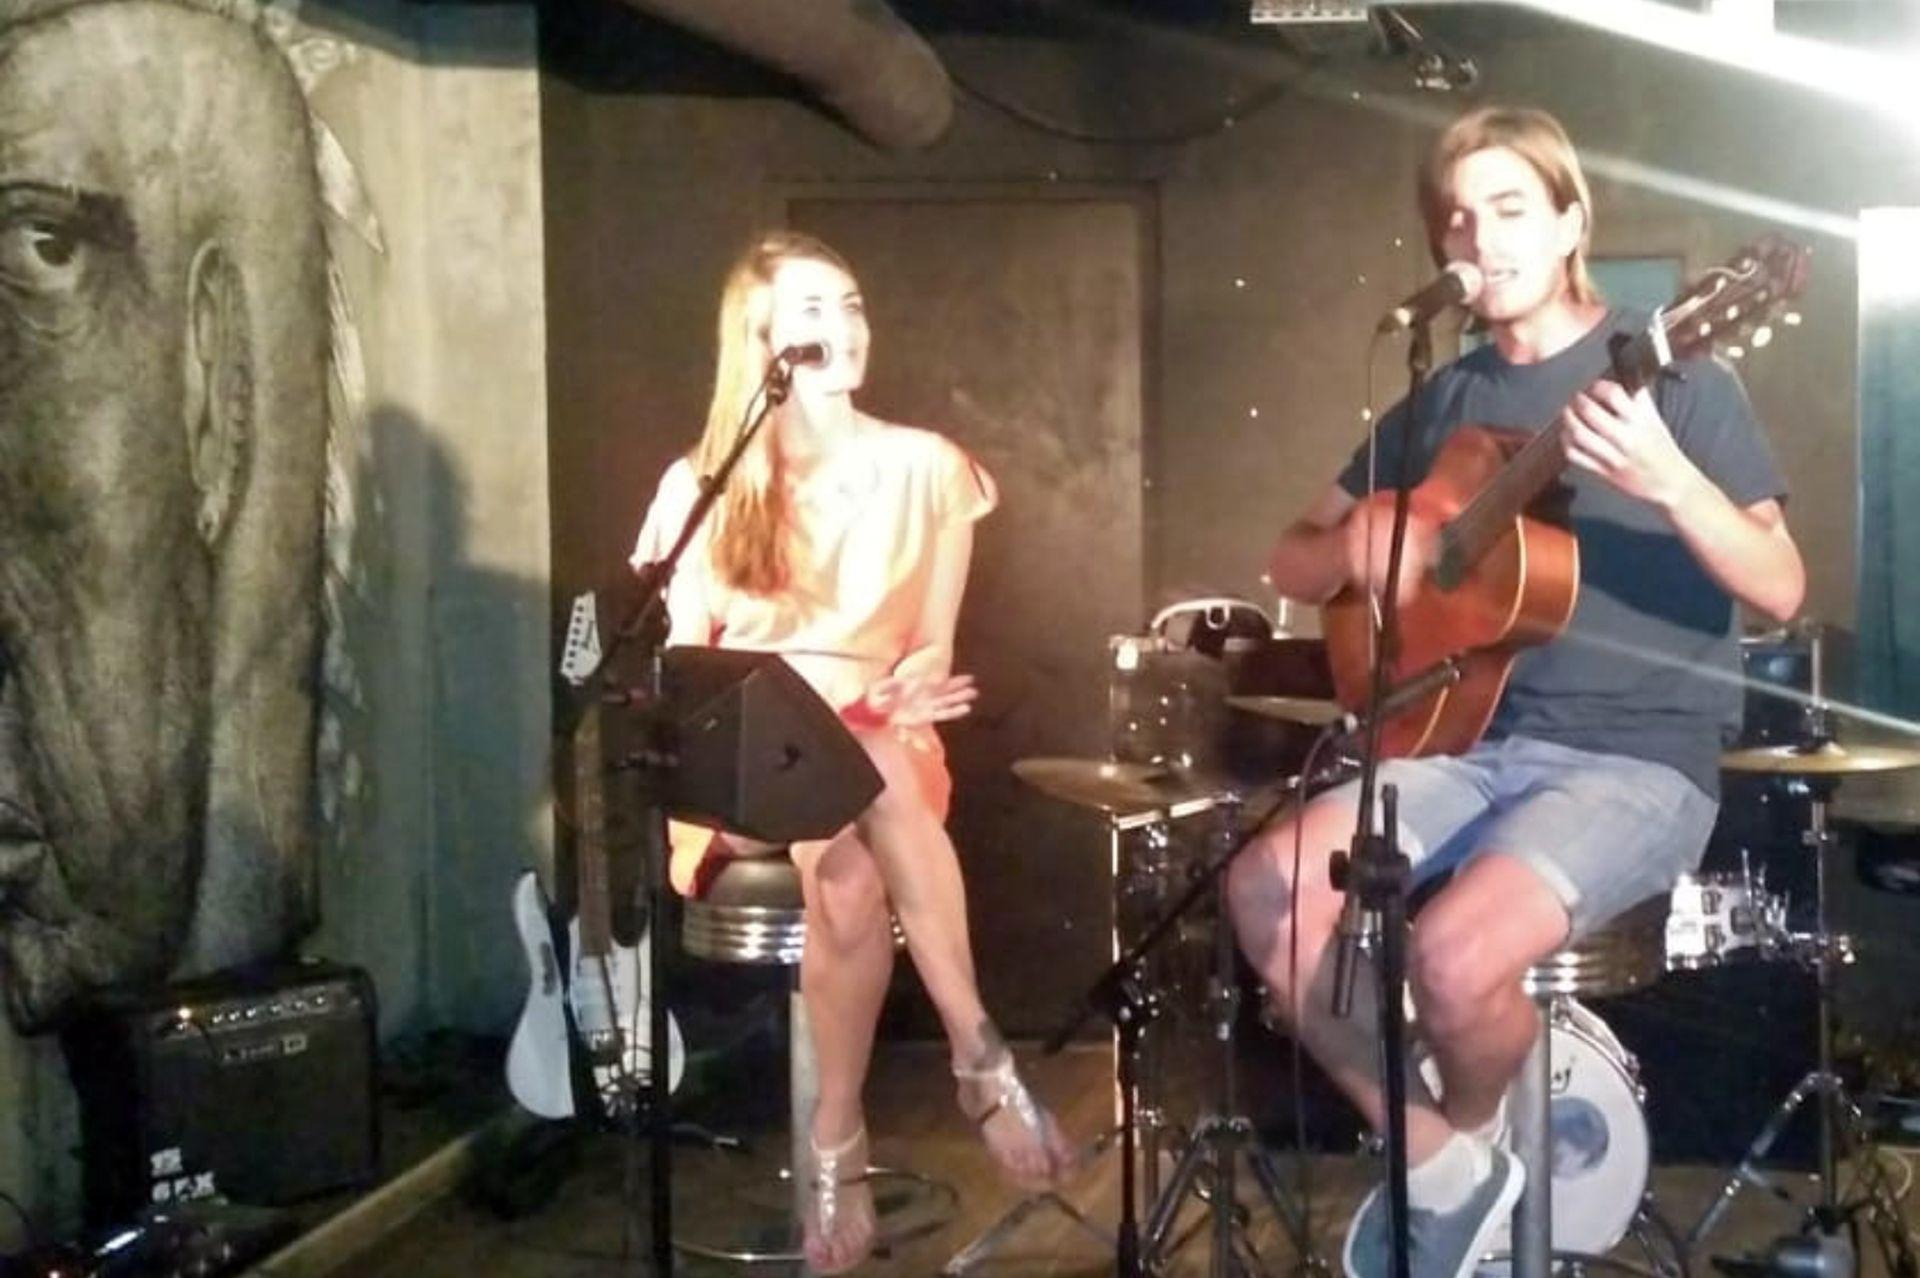 Una de las pasiones de Guada es cantar y lo hace para eventos parisinos. @pineirolupe